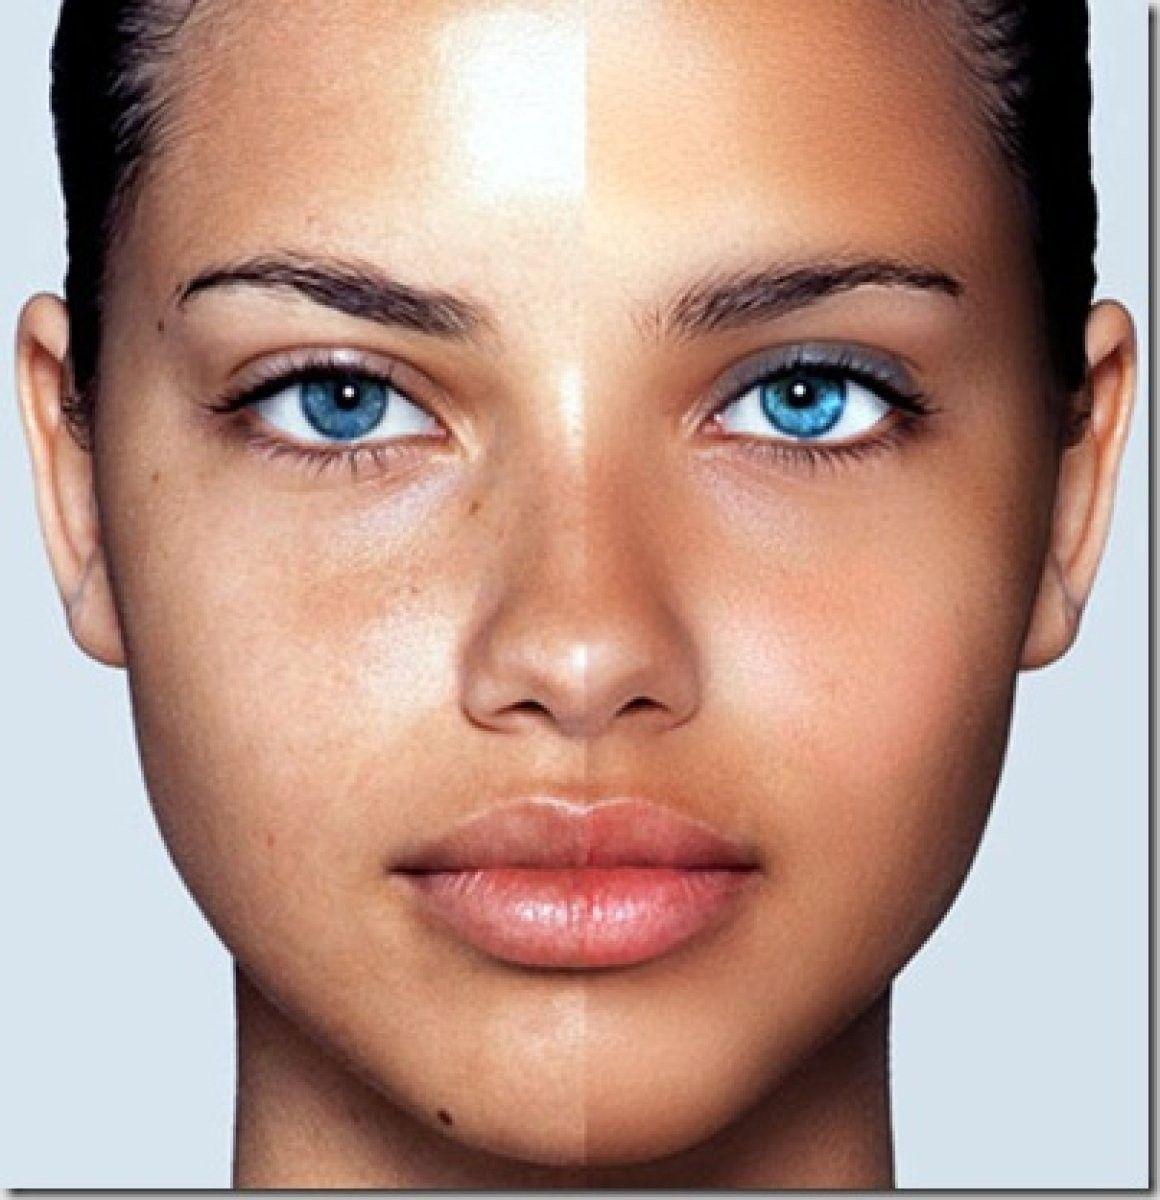 Como Conseguir La Piel Perfecta En Tus Retratos Con Photoshop Adriana Lima Sin Maquillaje Cutis Perfecto Piel Perfecta